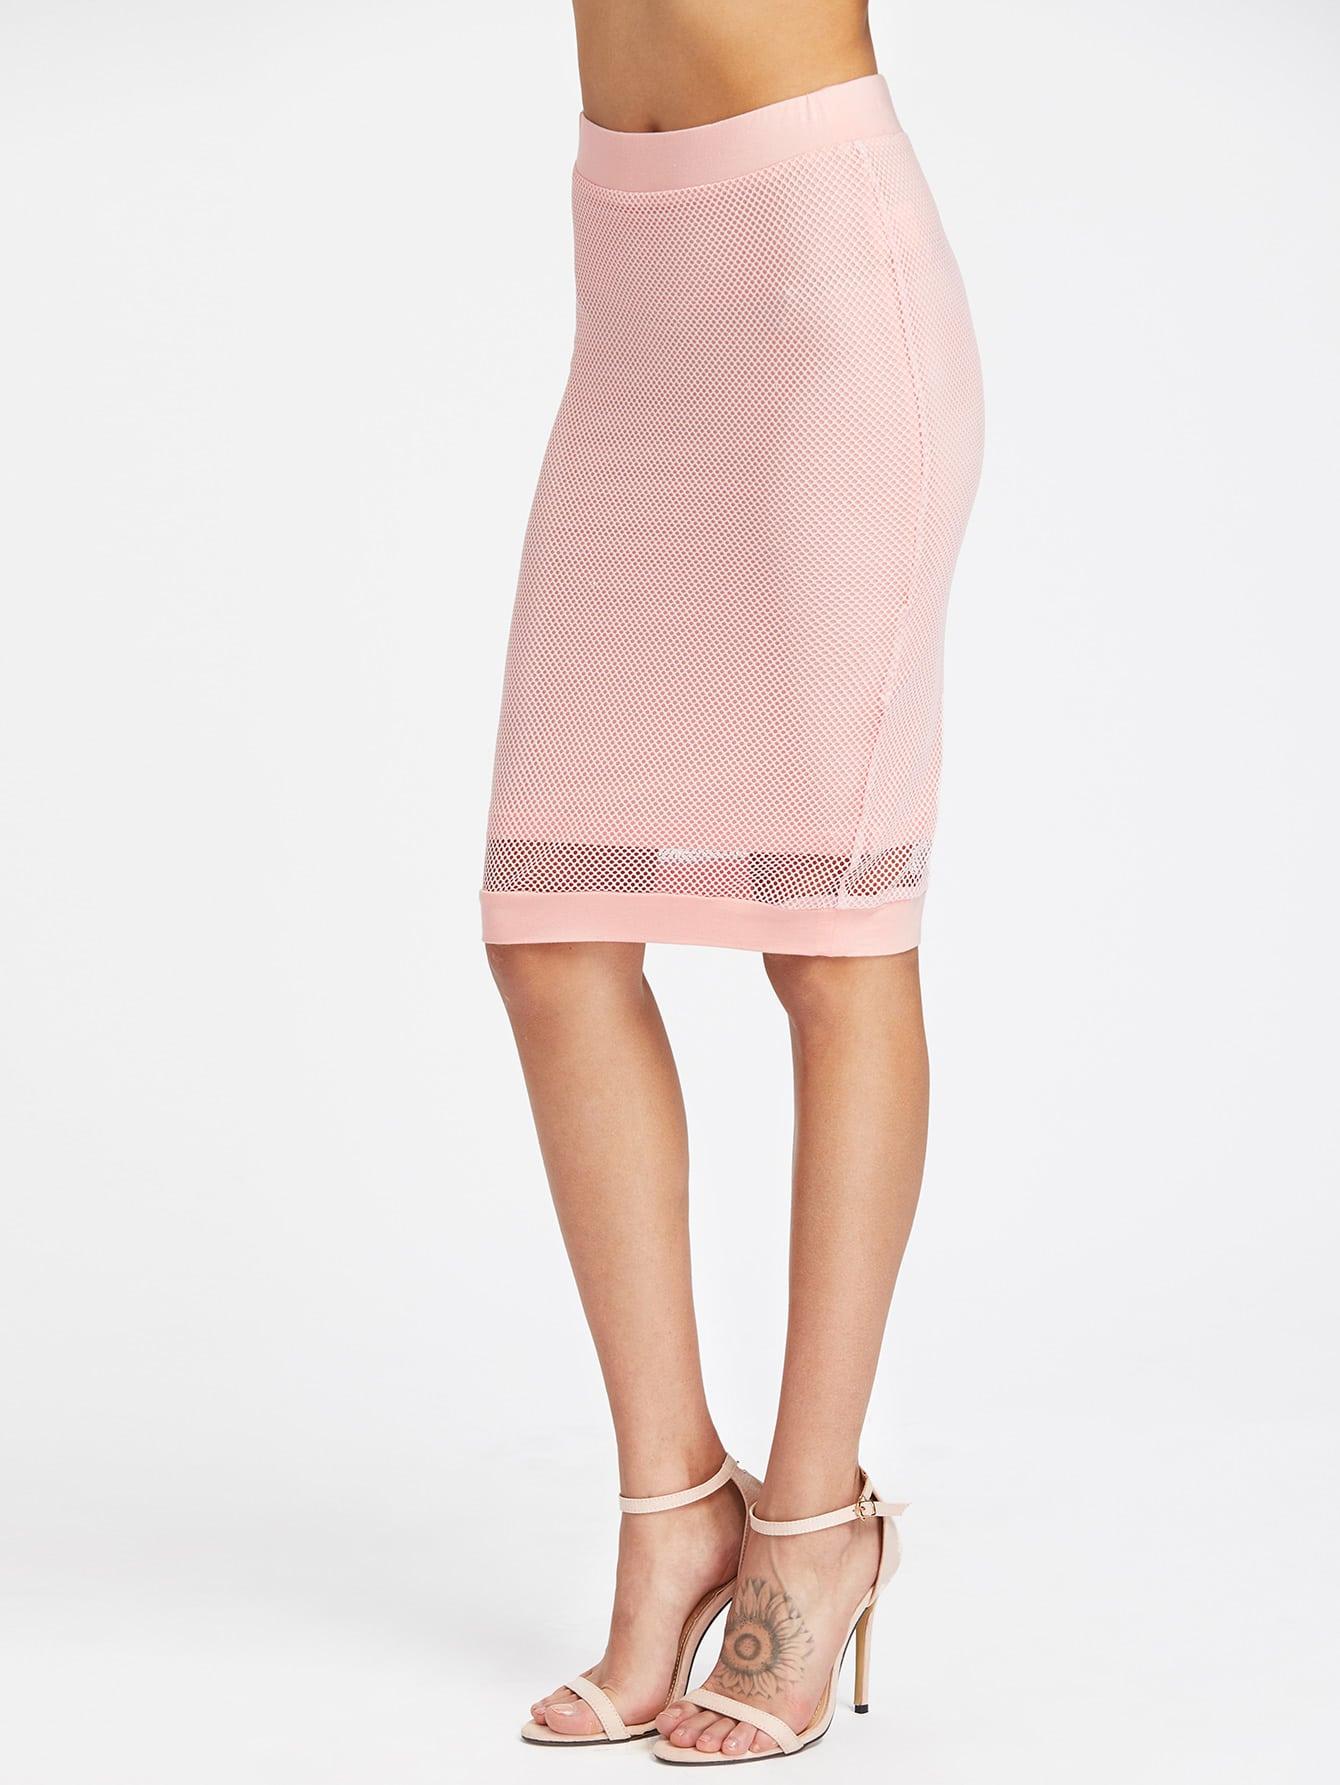 Фото Fishnet Overlay Form Fitting Skirt. Купить с доставкой